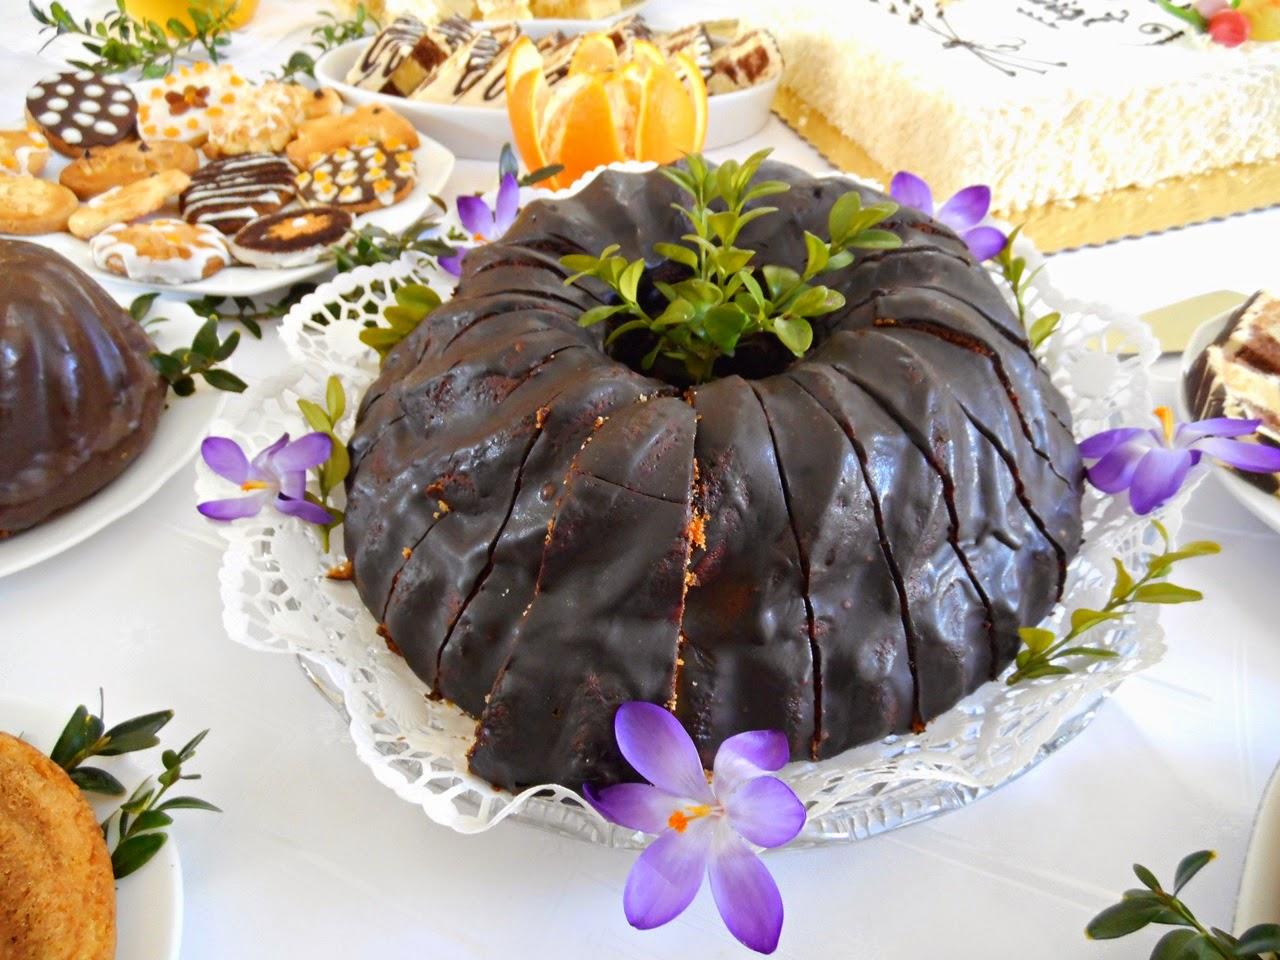 ciasta, wypieki, świąteczne, Wielkanoc